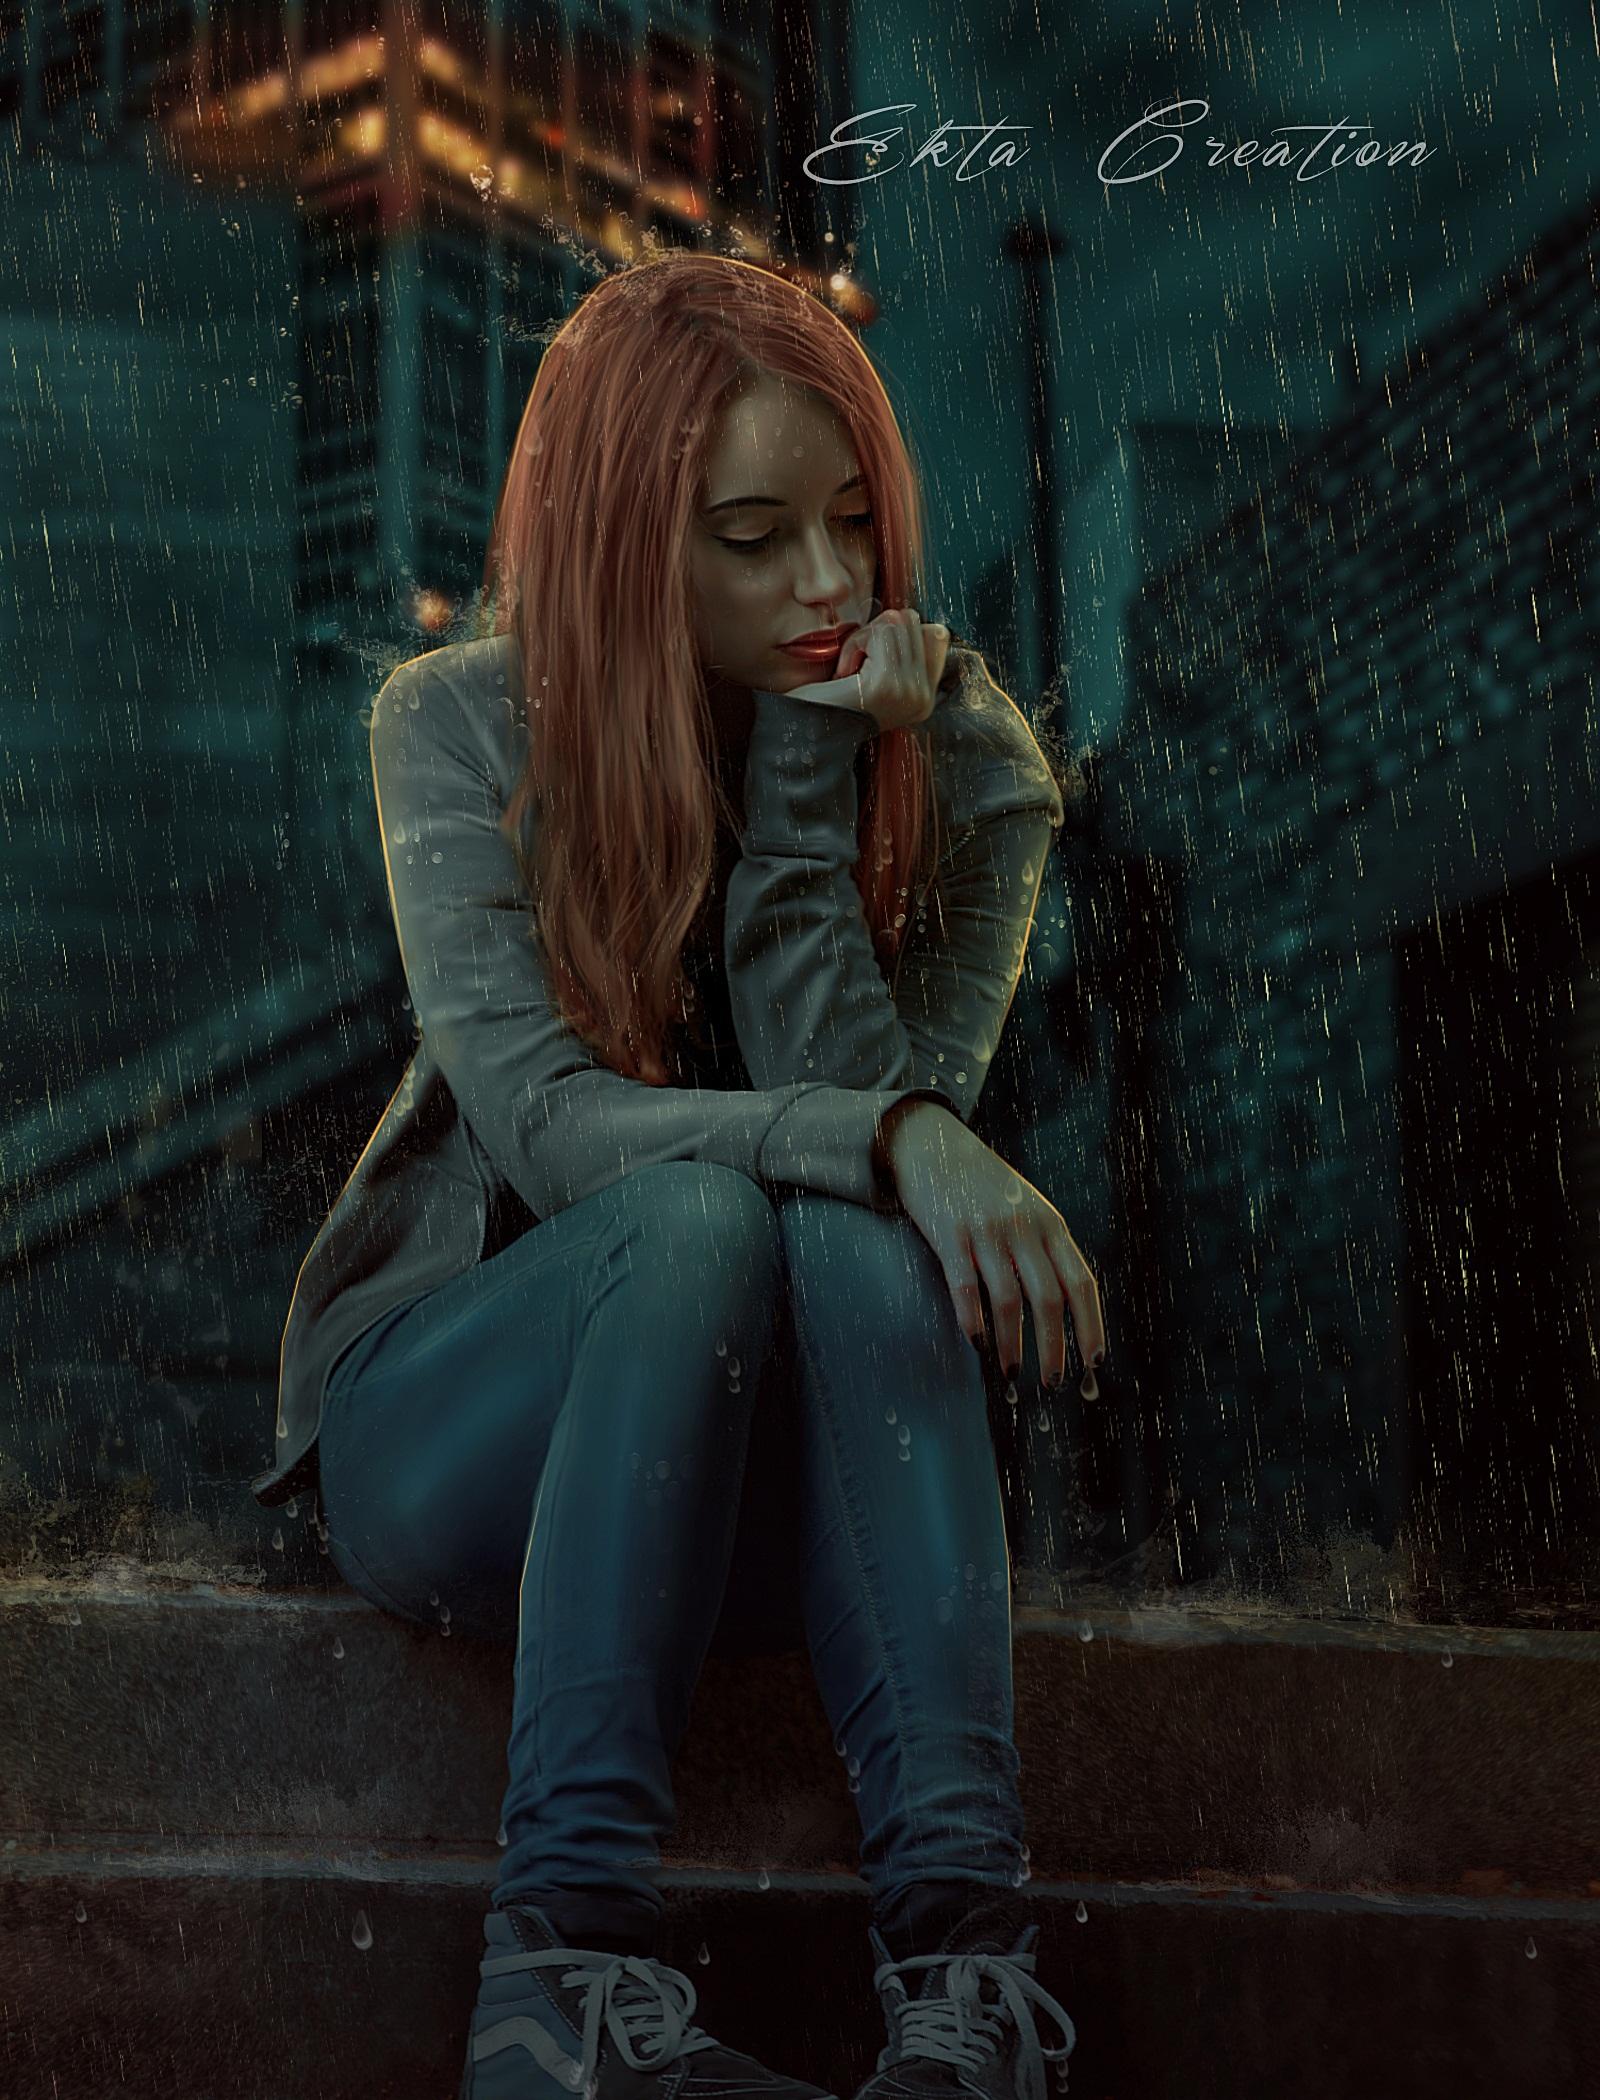 Фото Девушка с длинными волосами сидит под дождем на ступеньках, by ektapinki